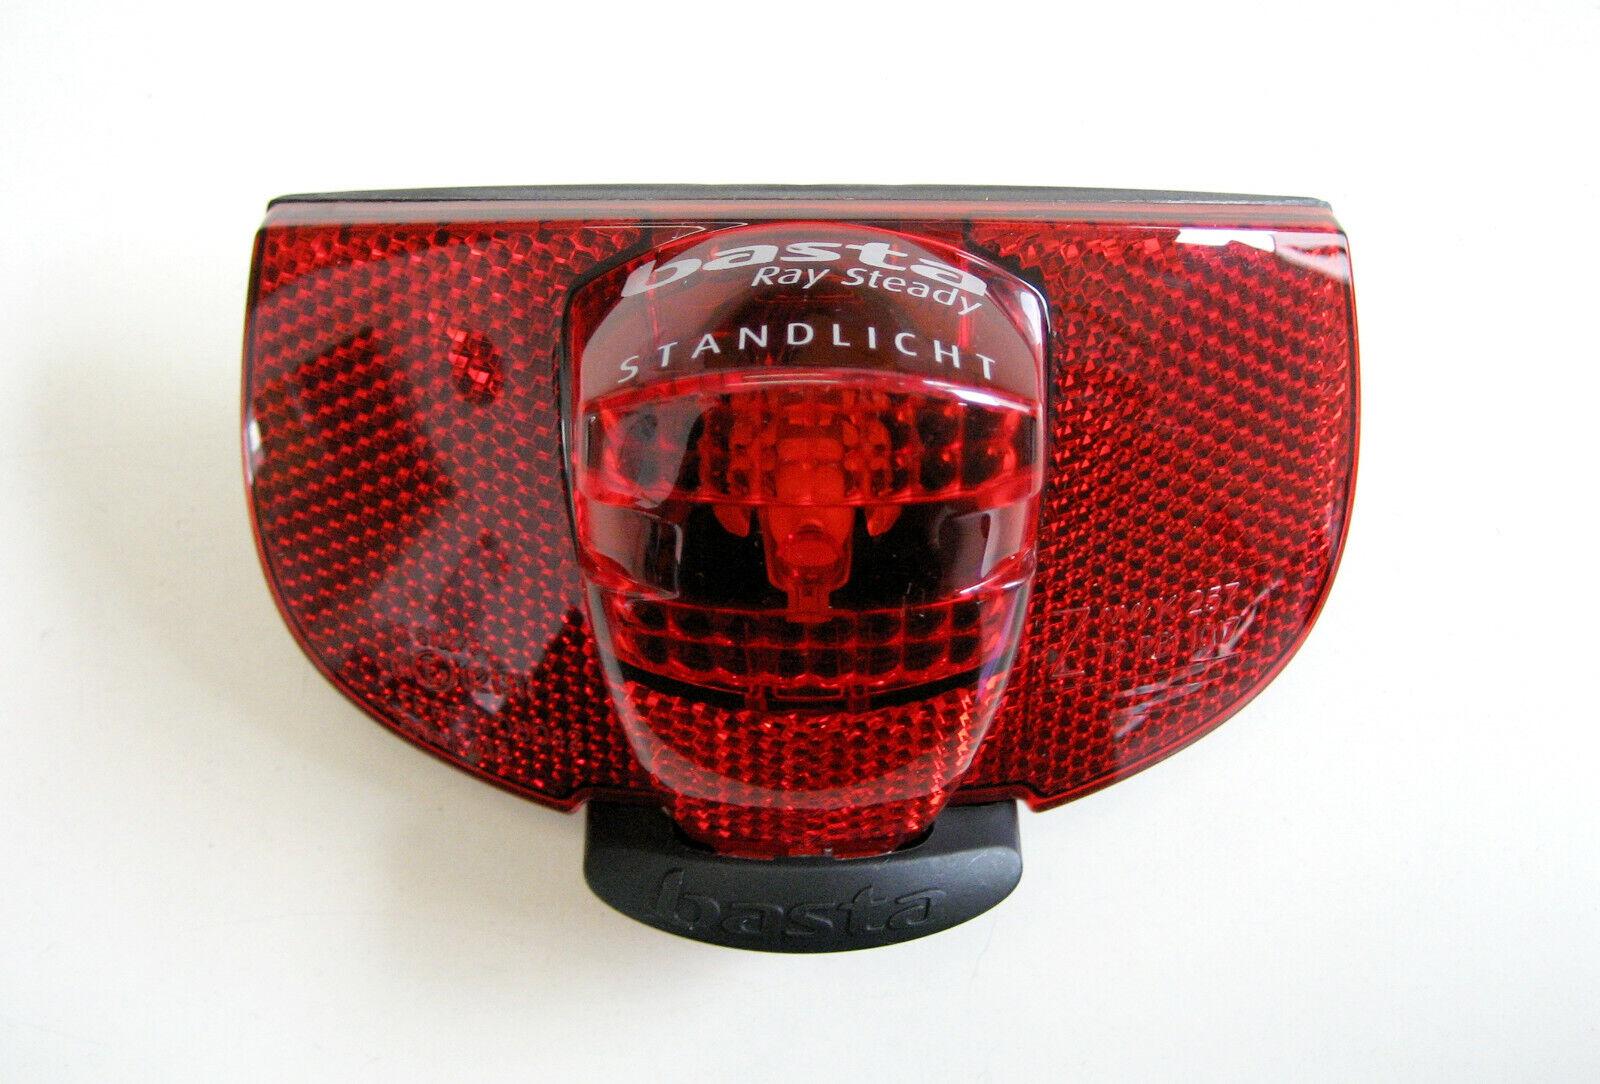 Fahrrad Rücklicht LED Rückleuchte Standlicht AXA Basta für KTM Winora Haibike